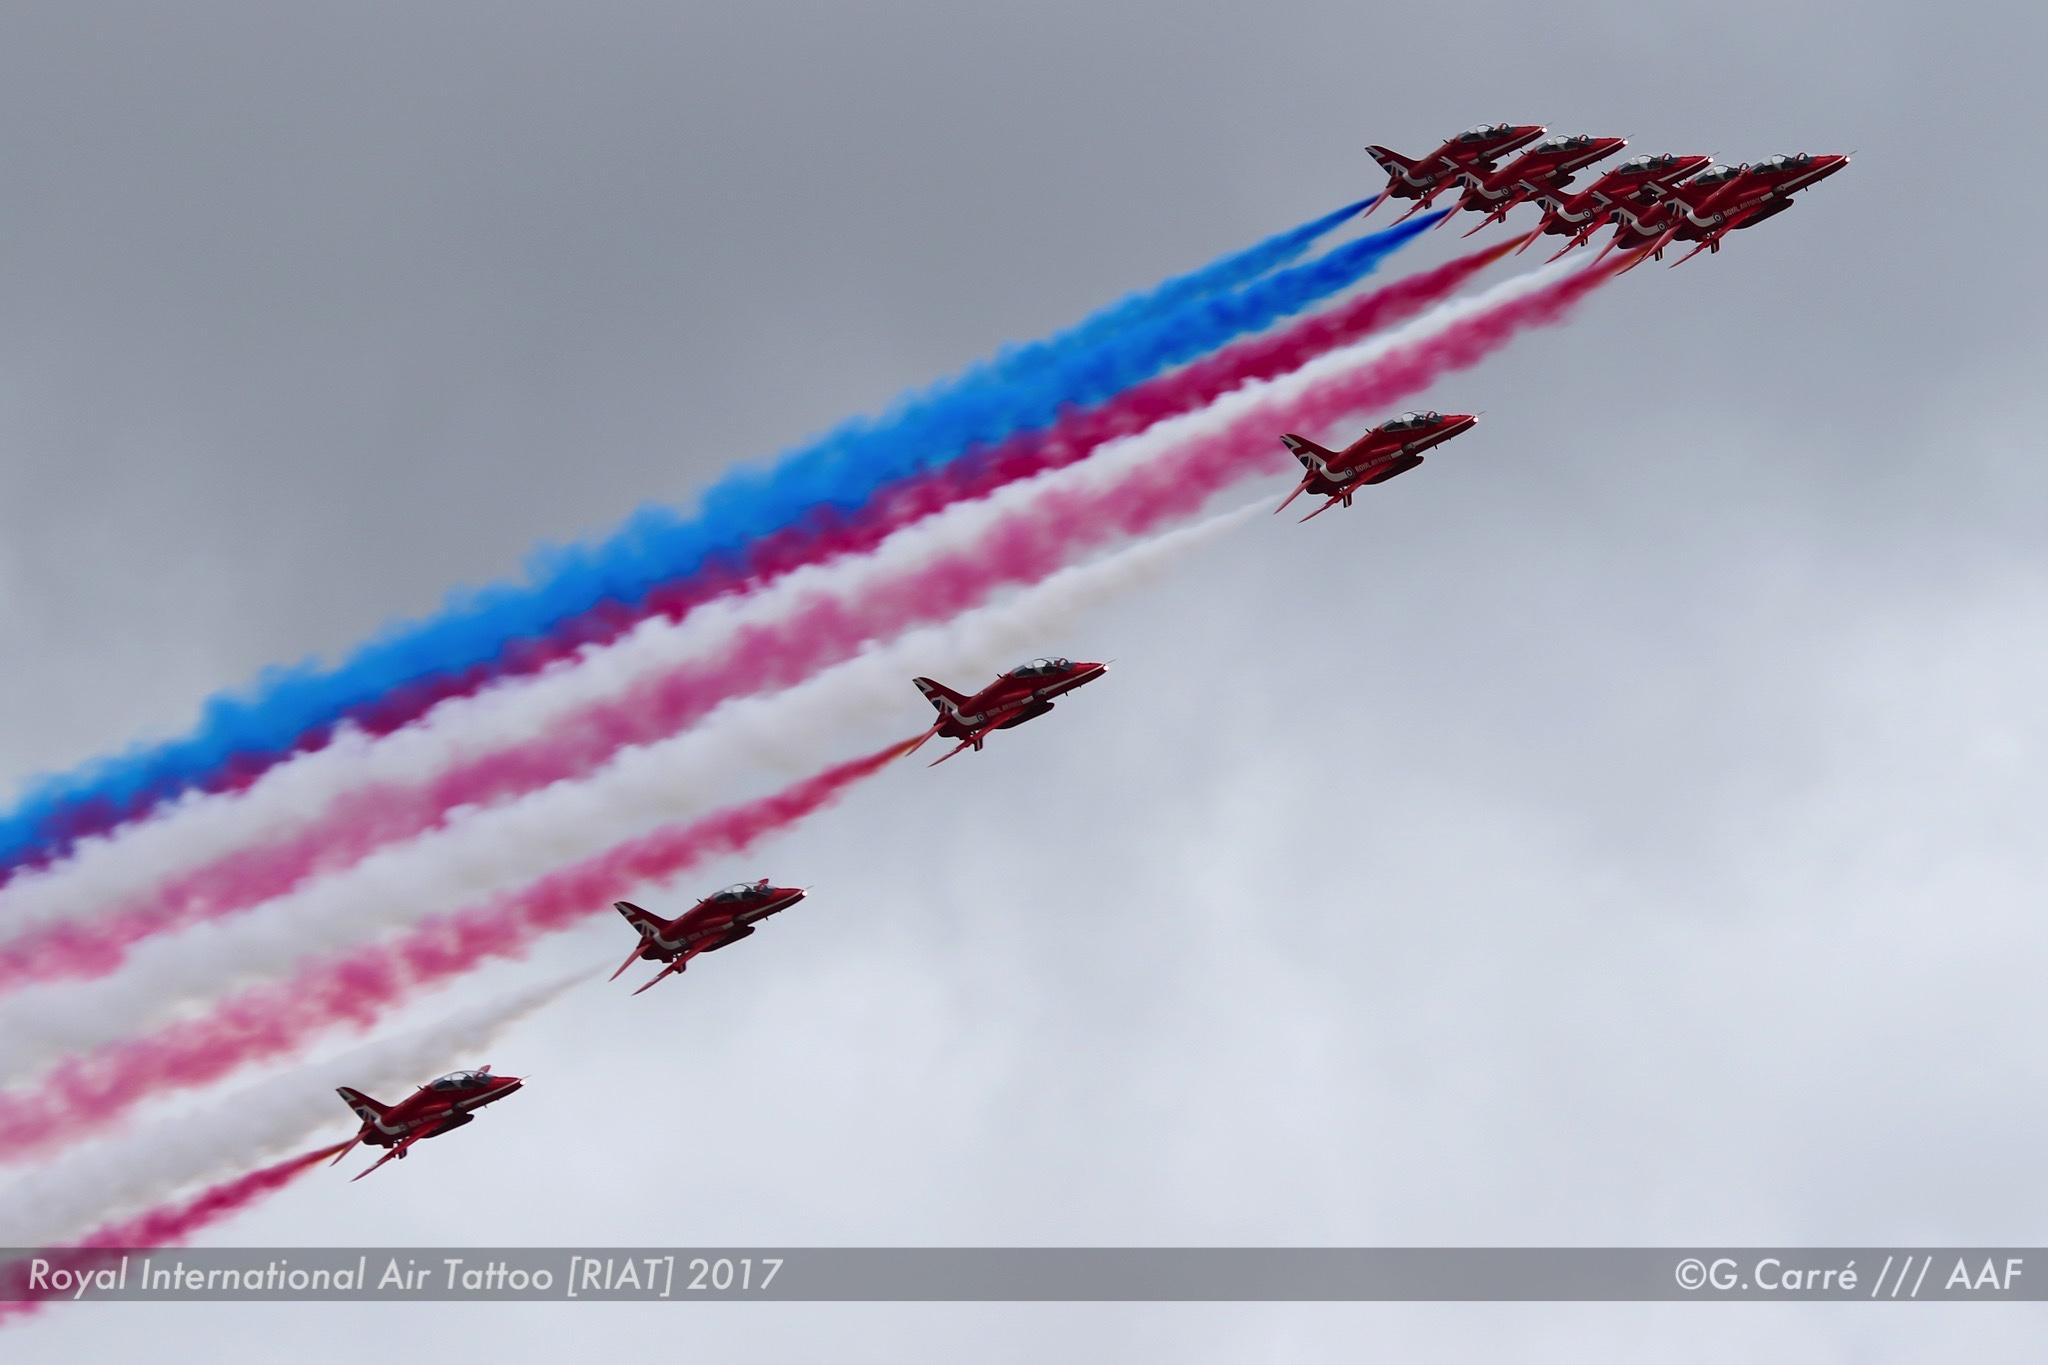 Hawk - Red Arrows - RAF